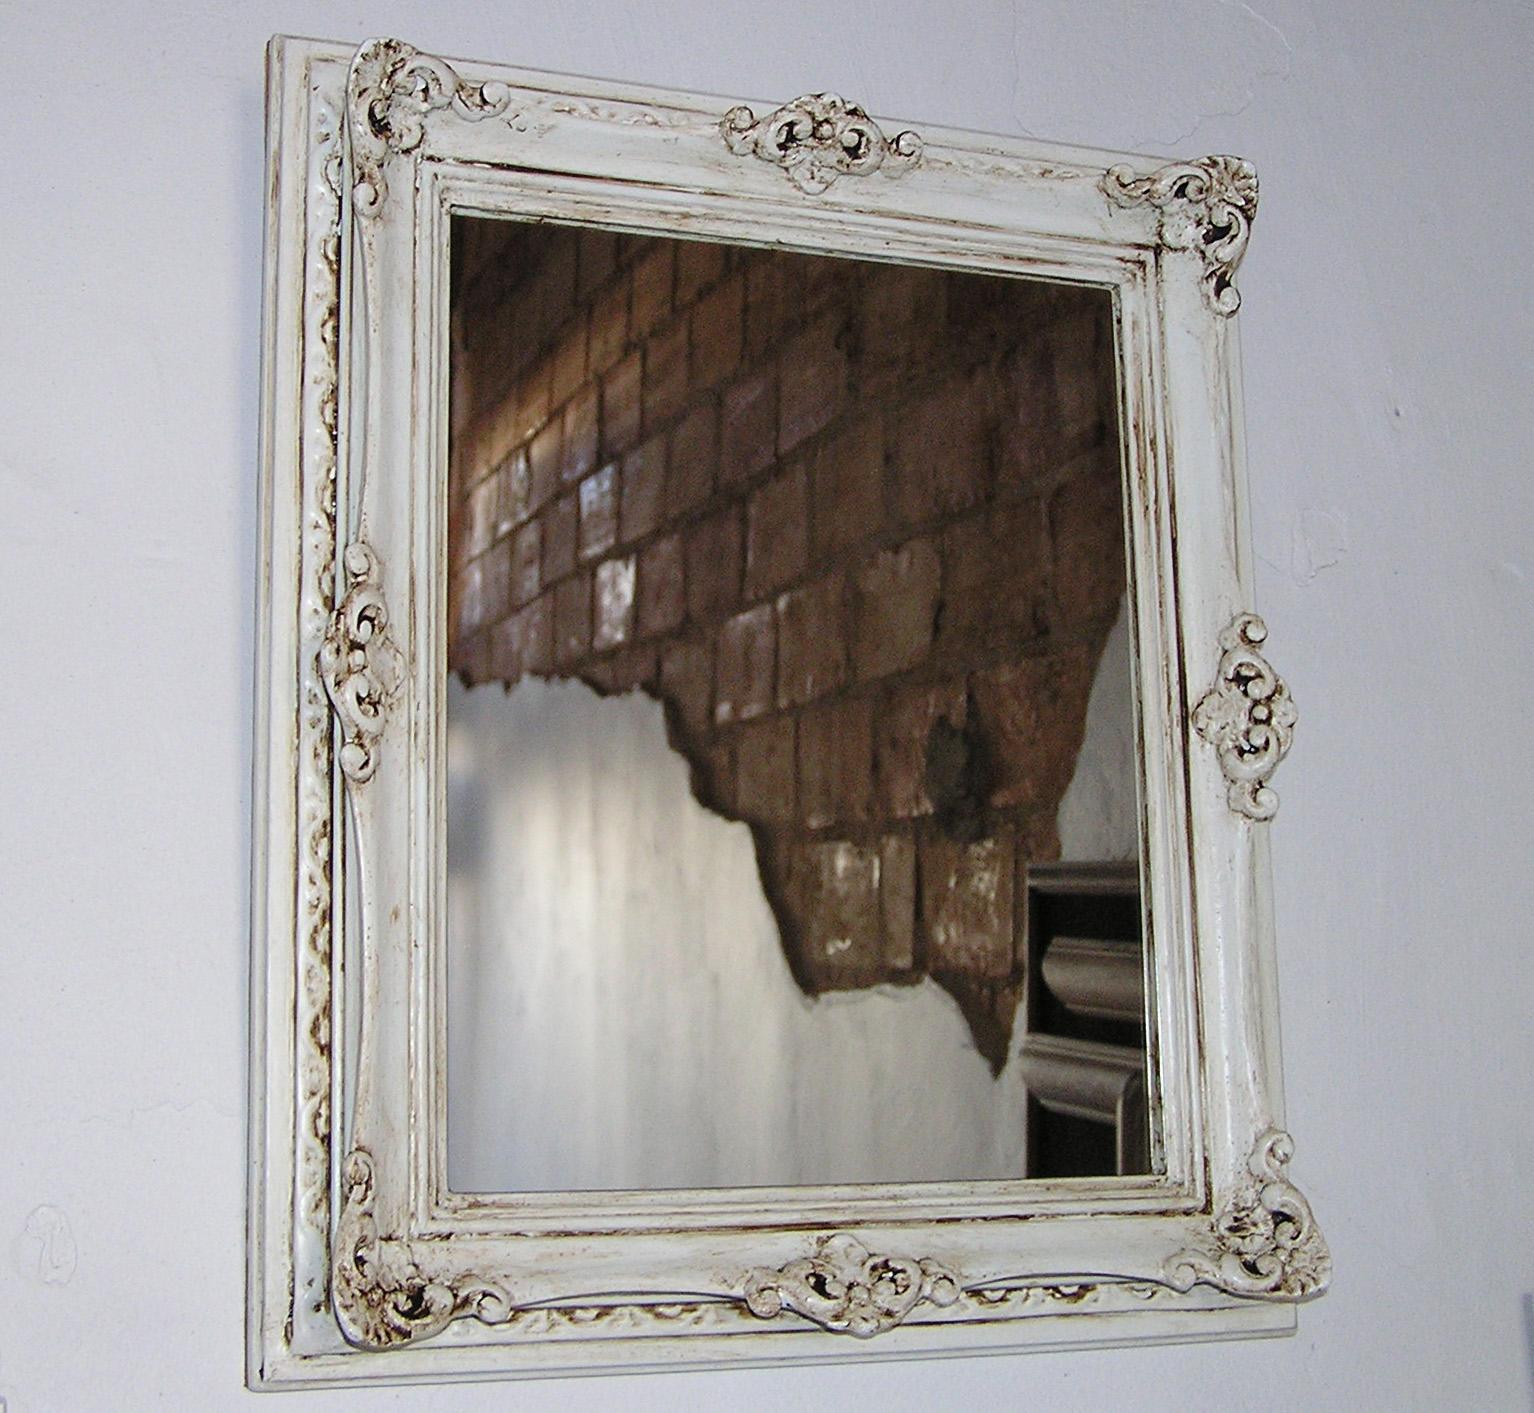 Pin antiguo espejo de camerino con 4 luces mueble 56 x 88 - Espejos de camerino ...